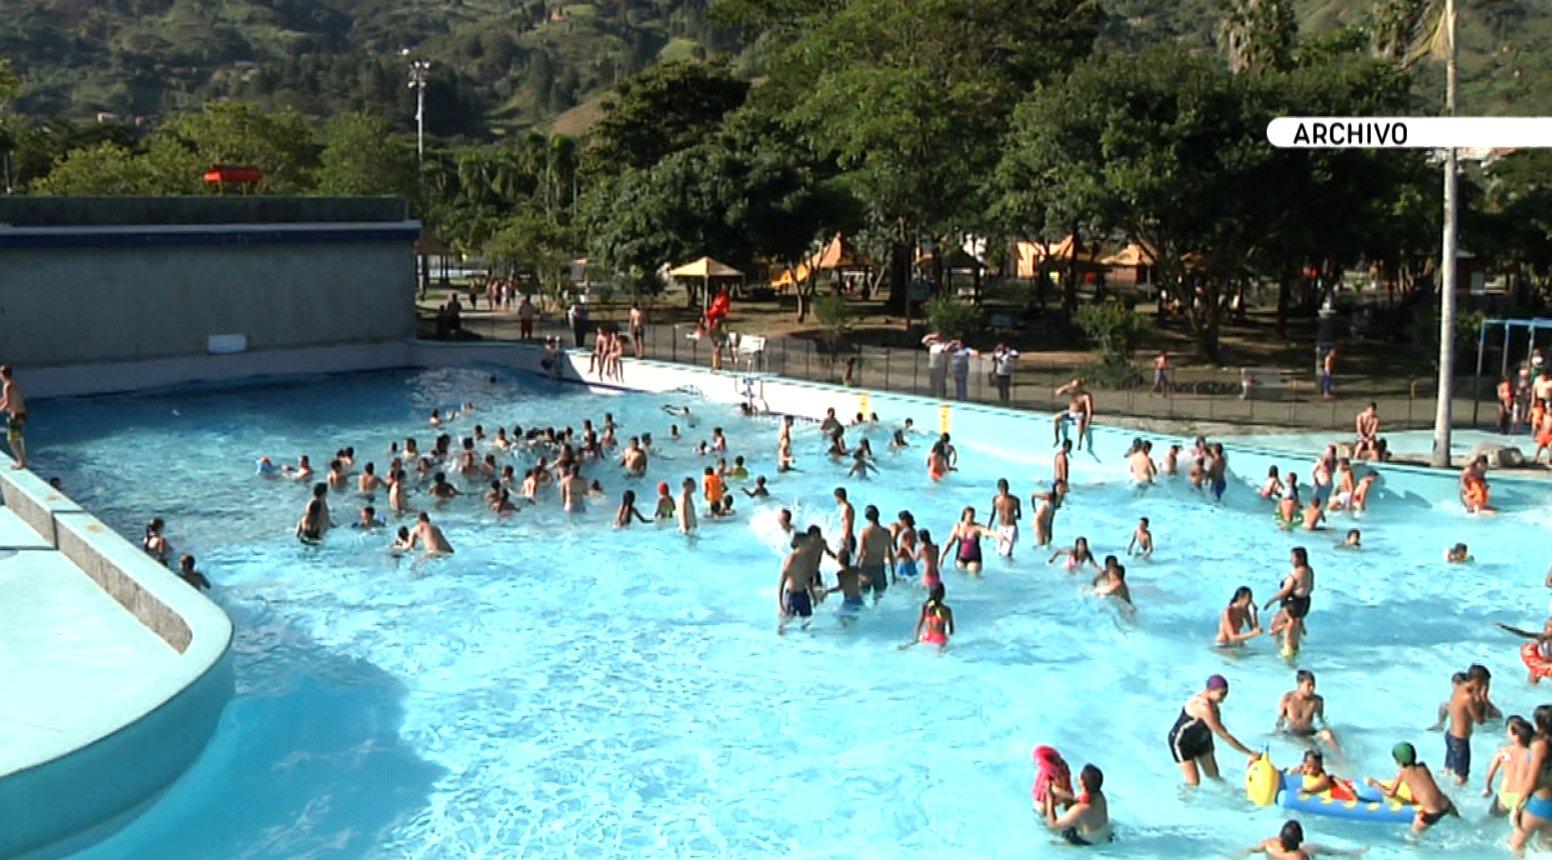 El primero de diciembre reabre sus puertas el Parque de las Aguas